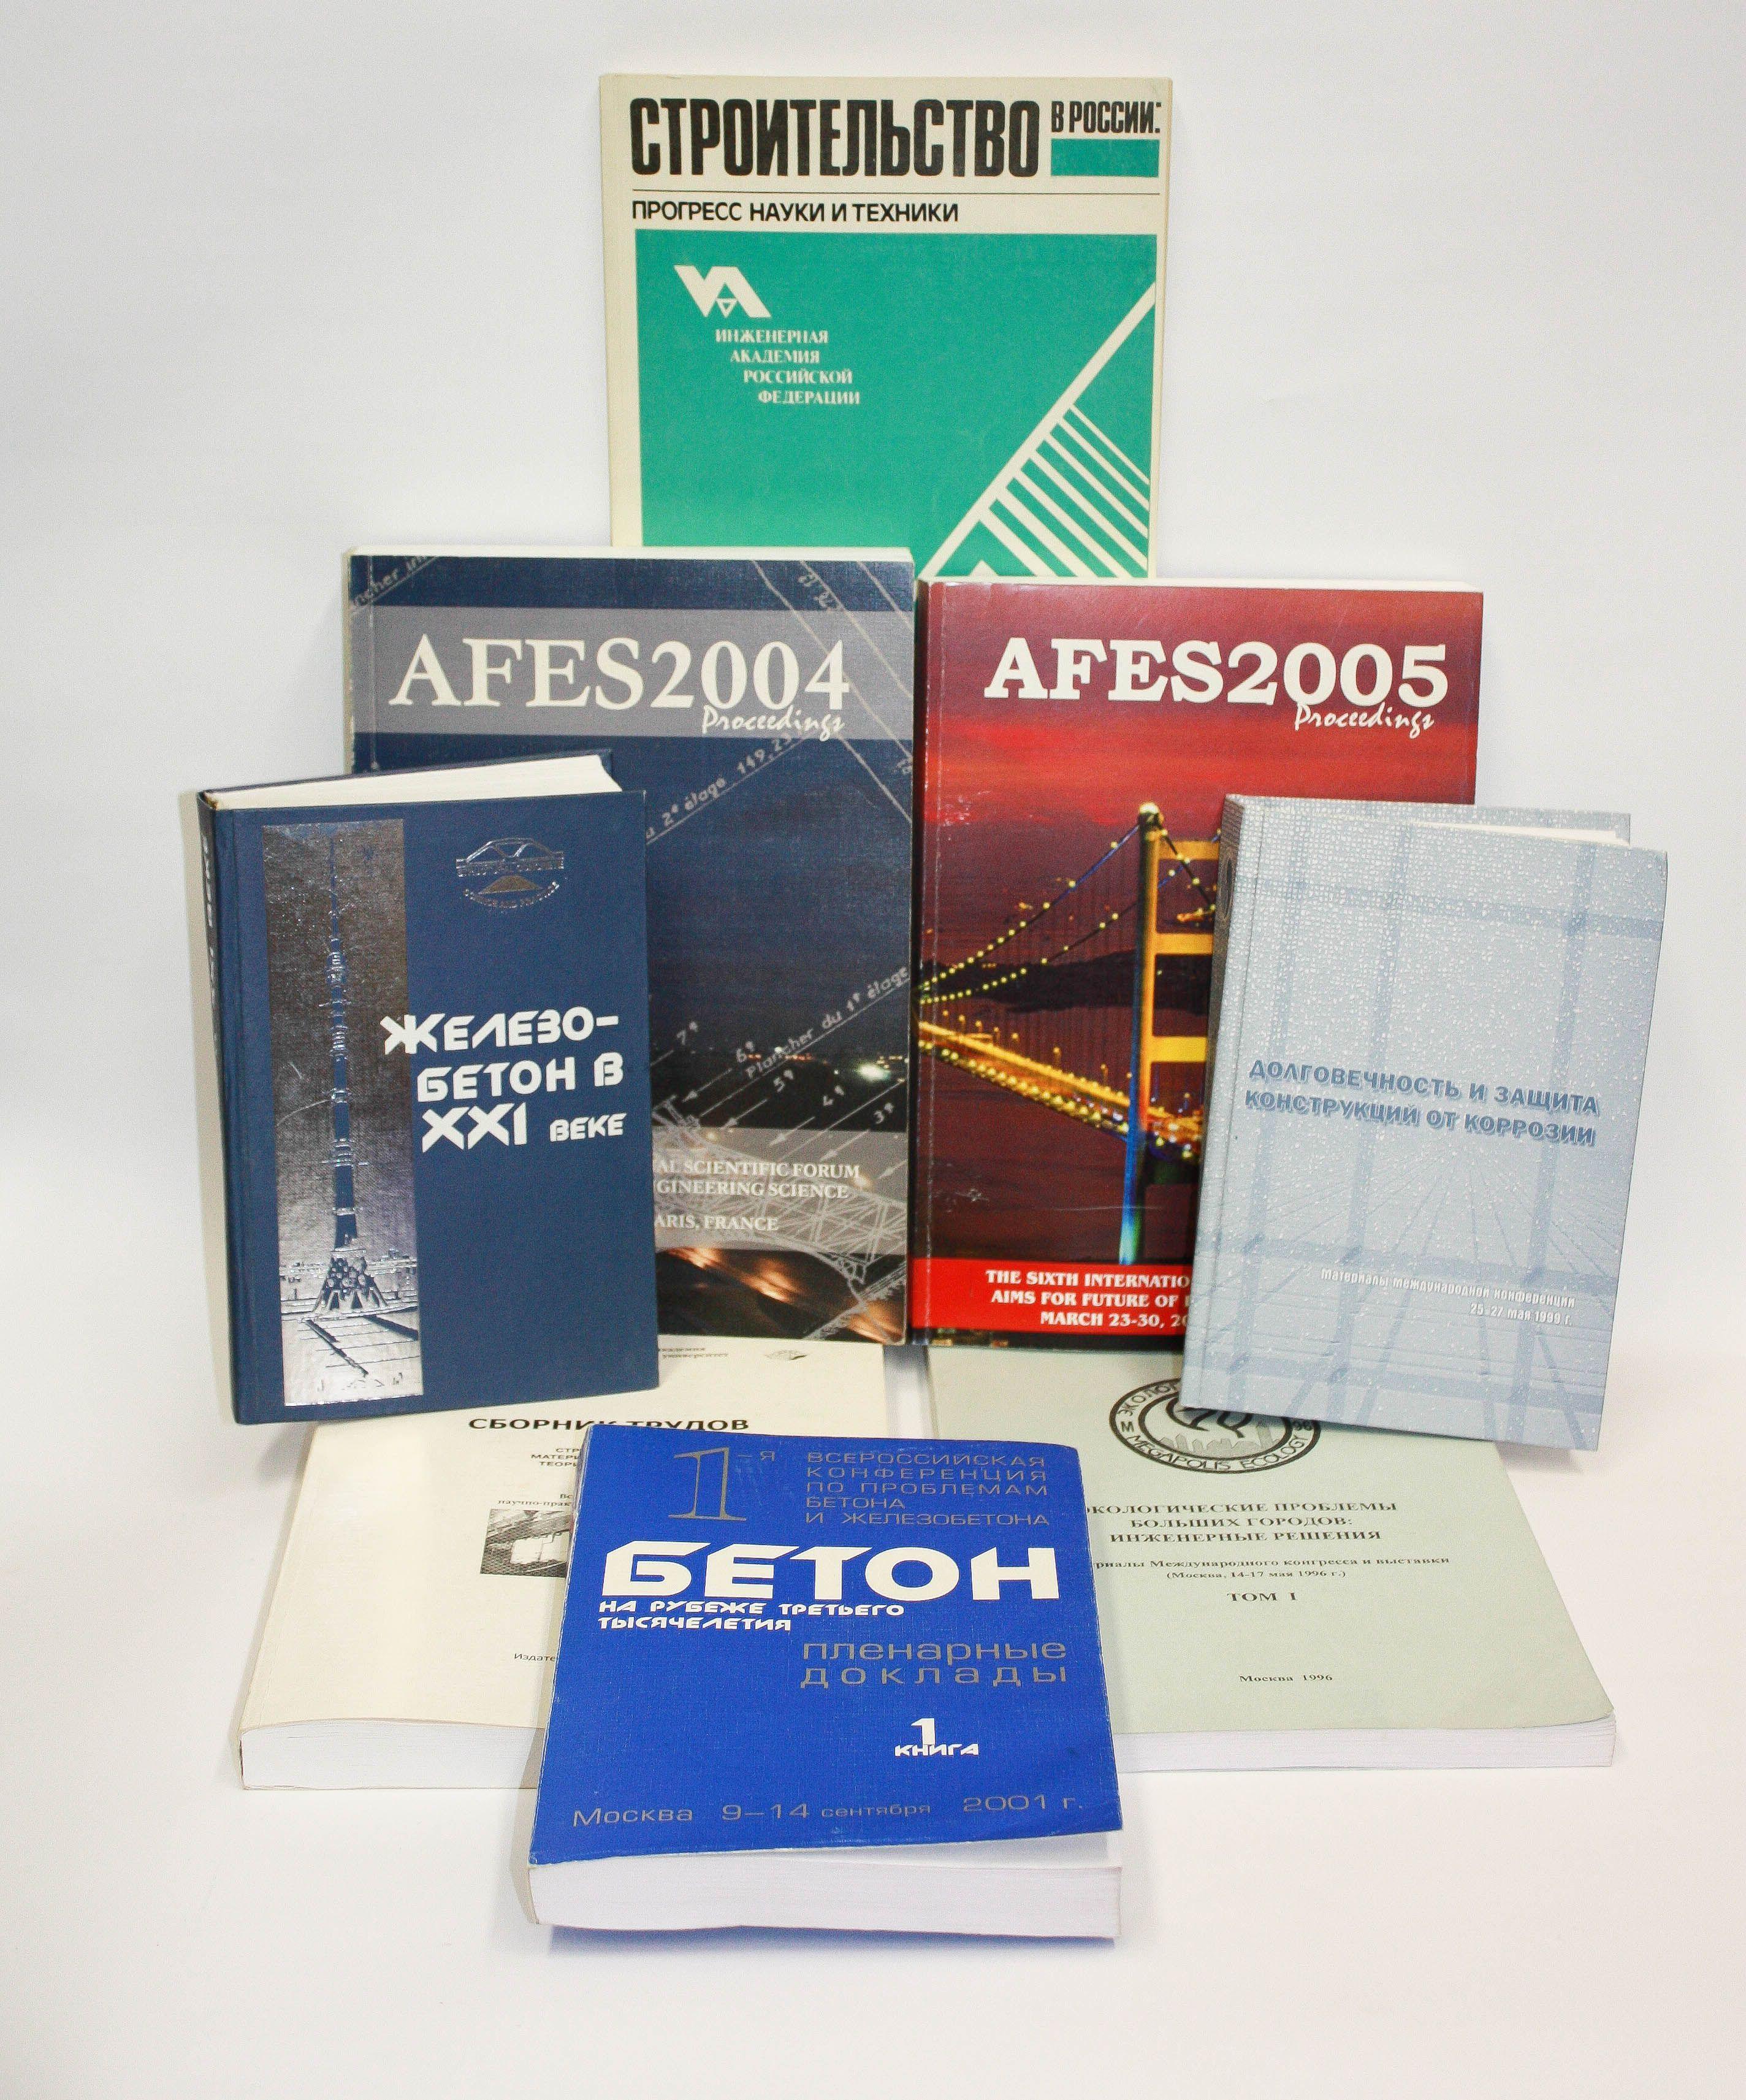 Сборники отдельных трудов Российской инженерной академии